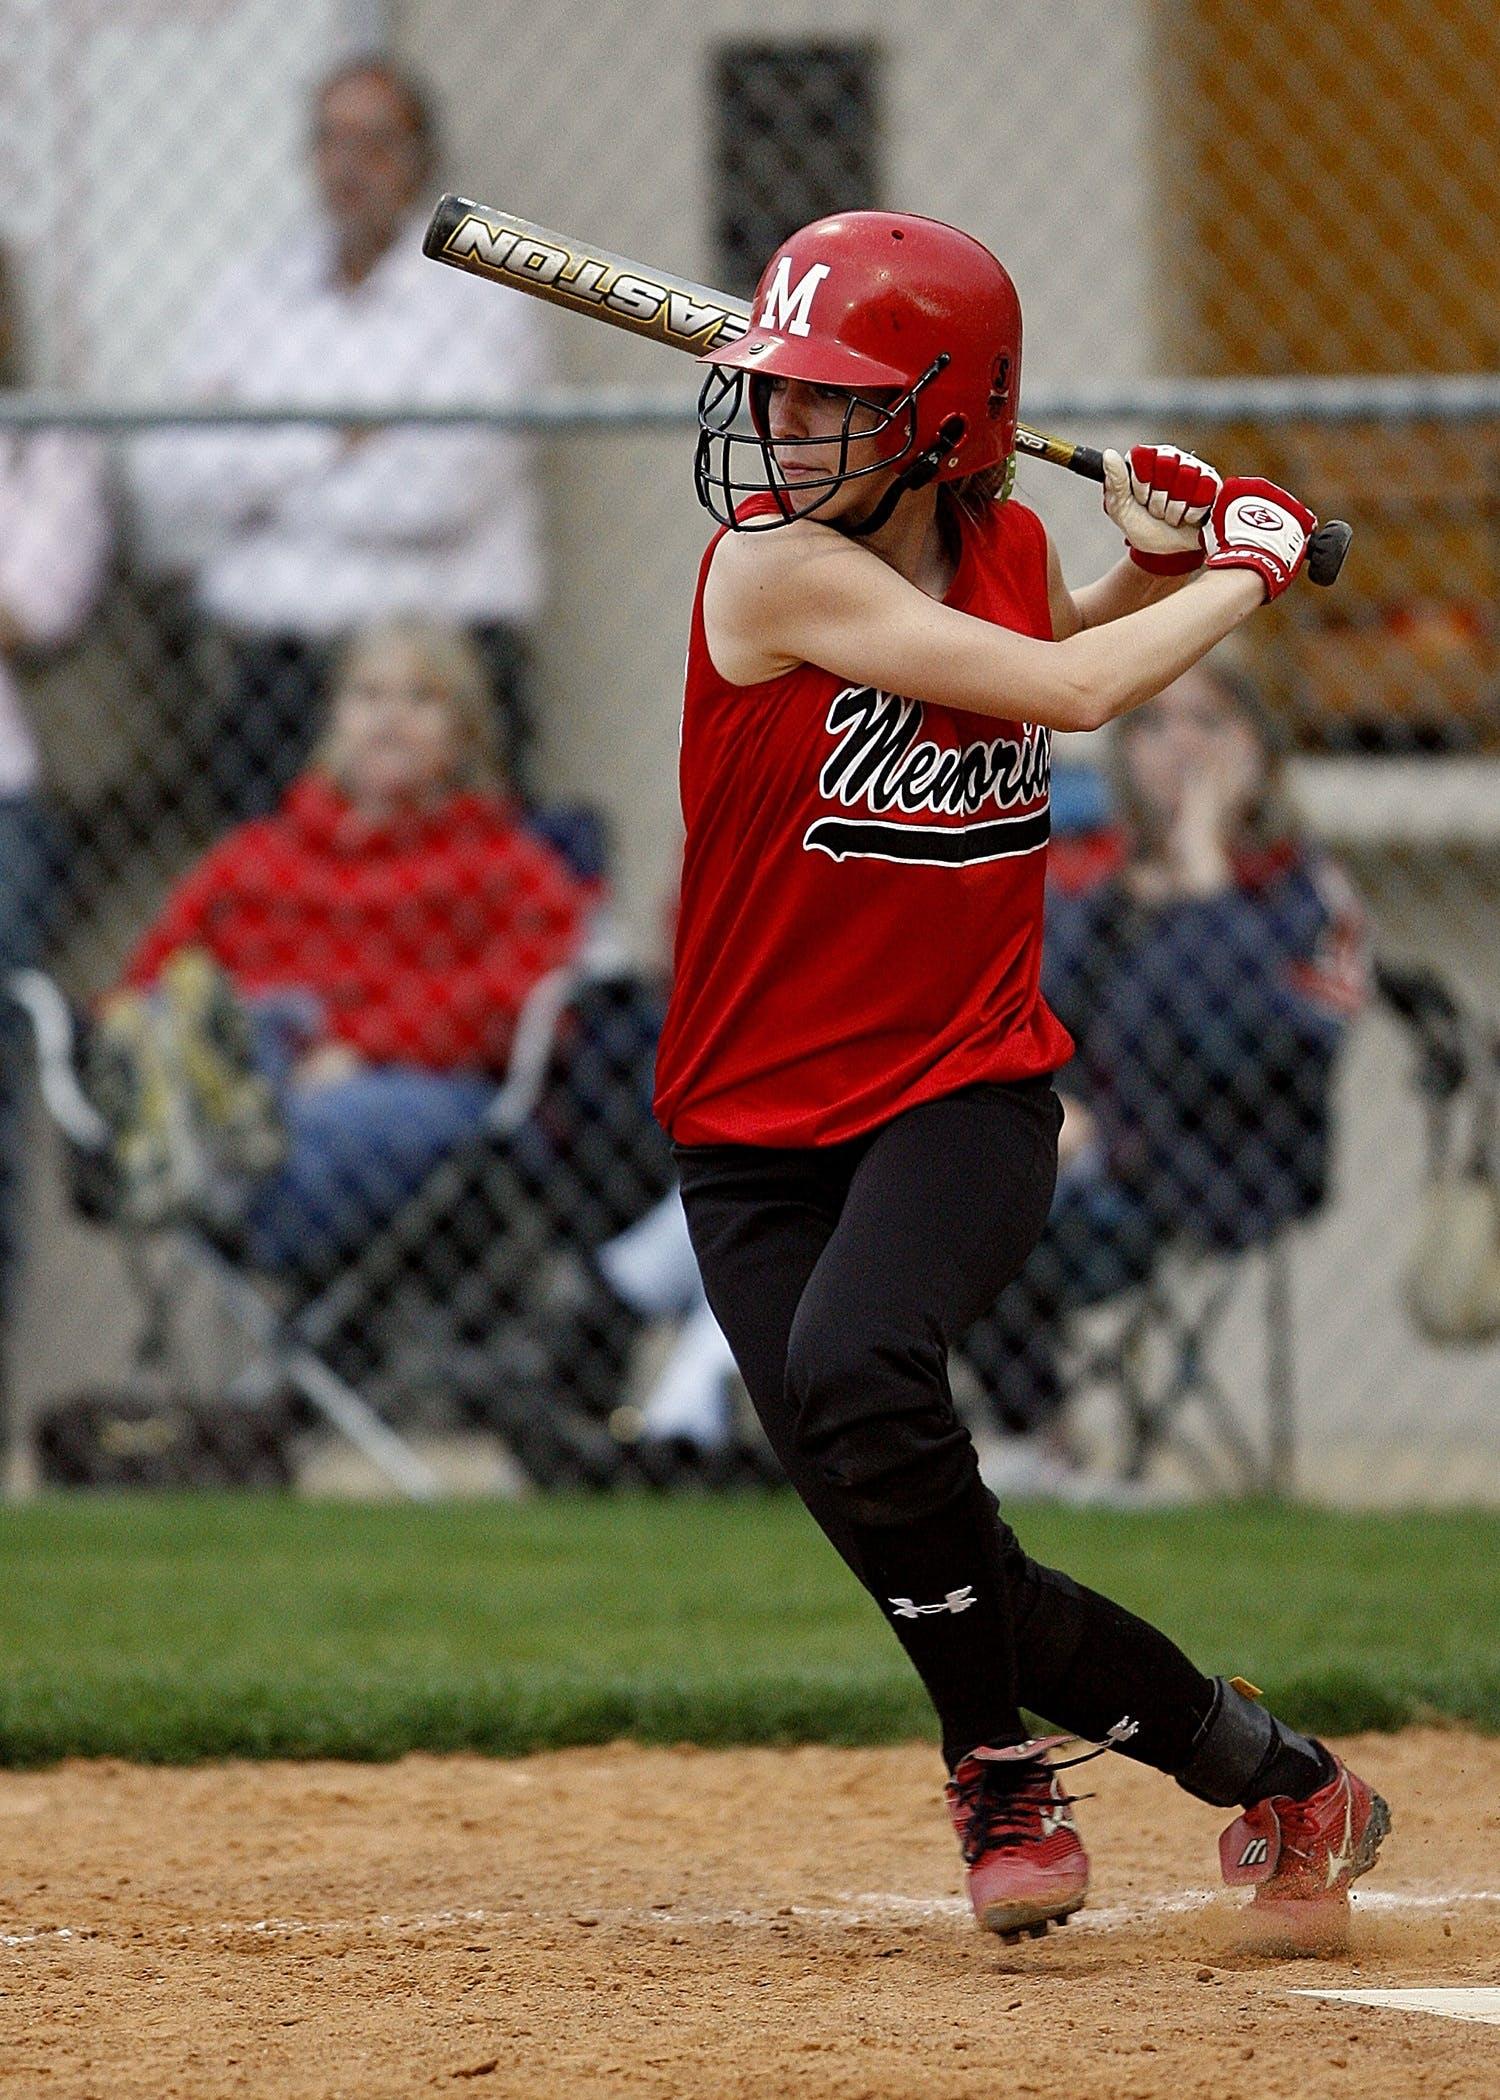 Woman Wearing Baseball Bat in Field